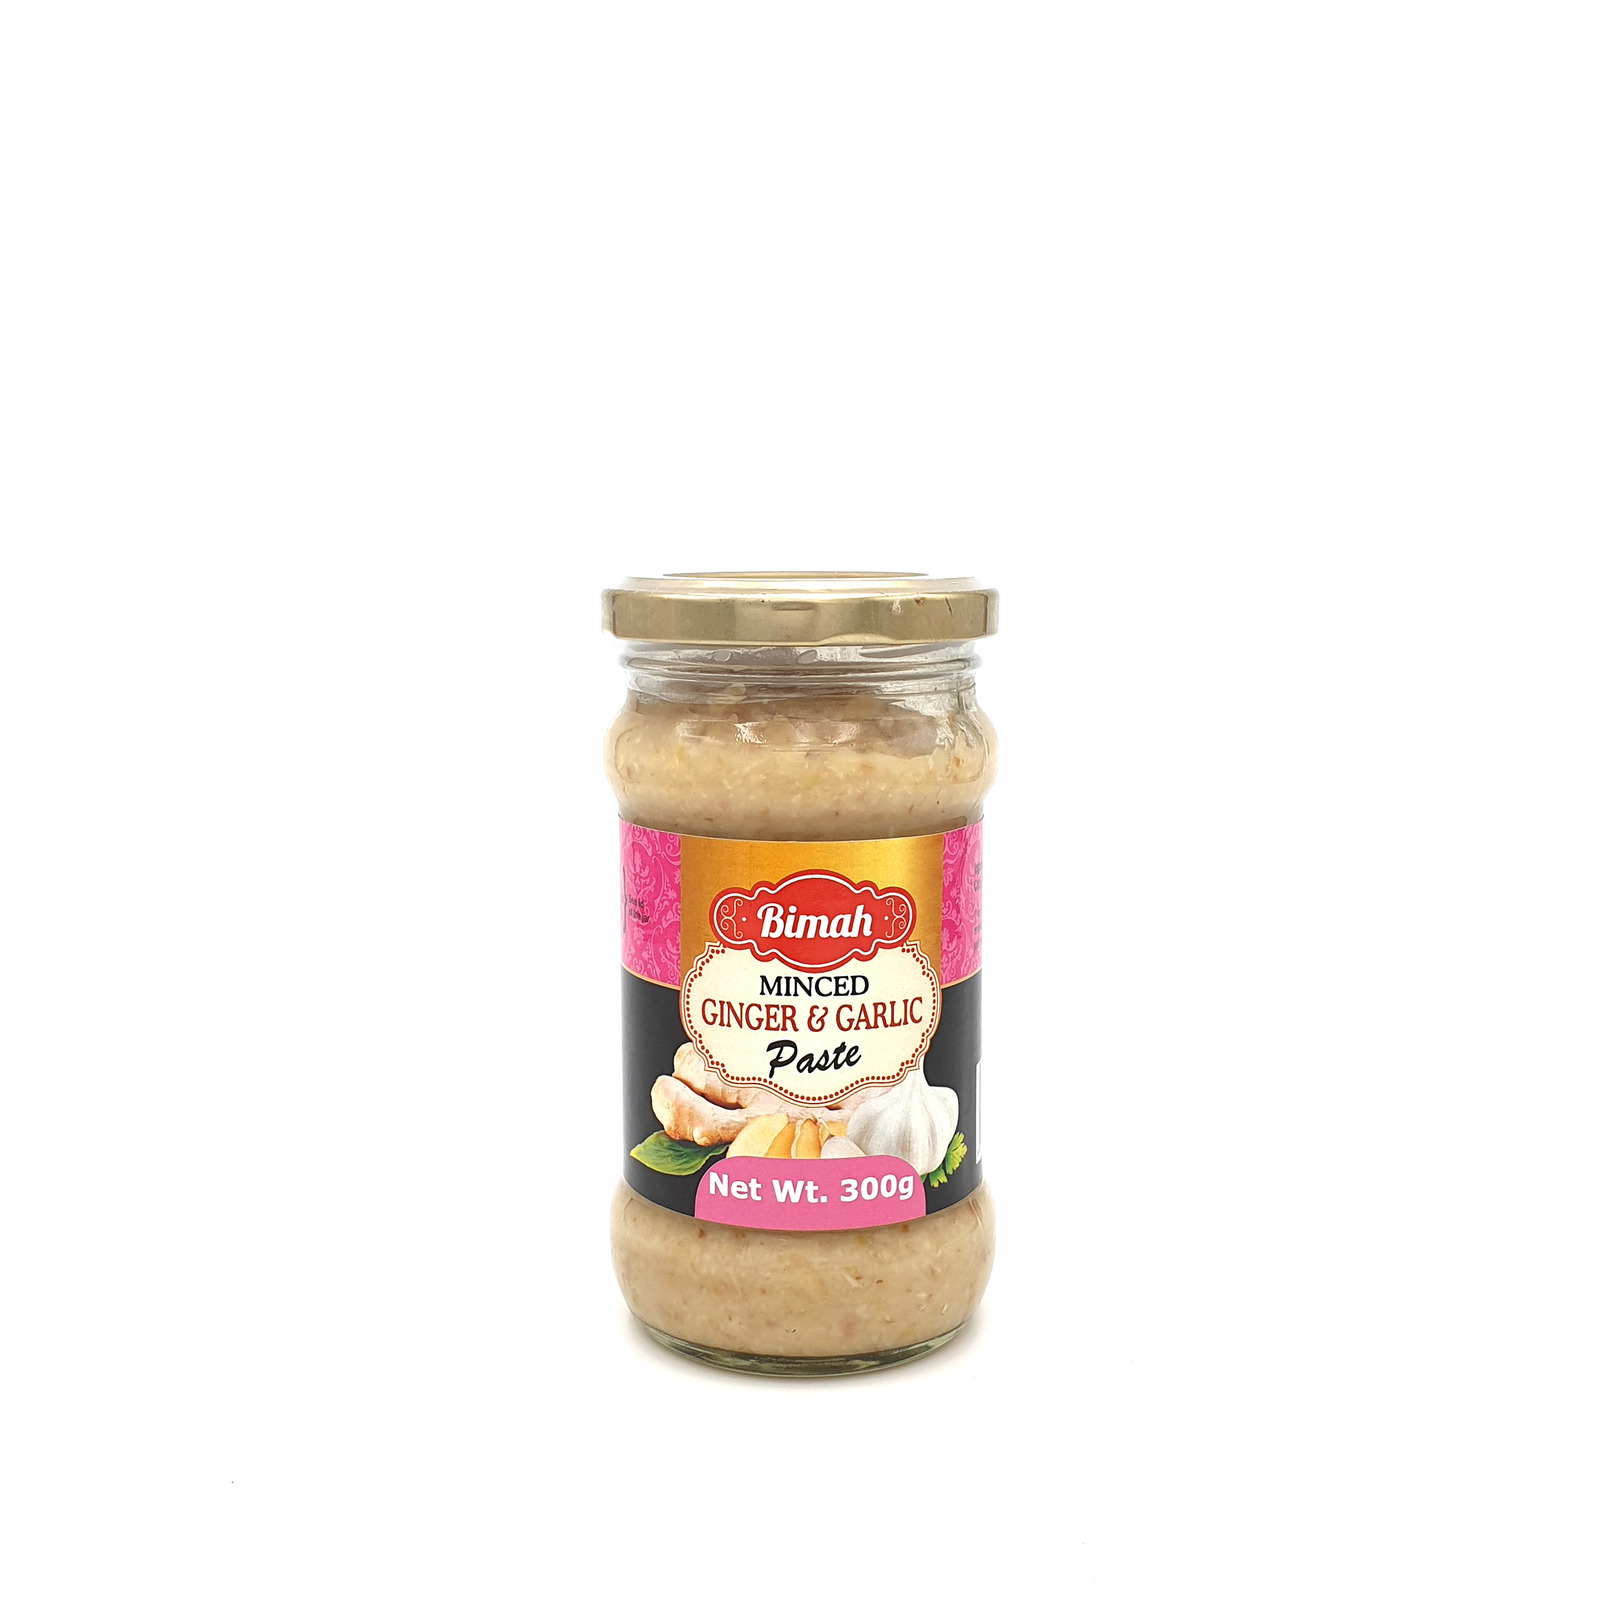 Bimah Minced Ginger & Garlic Paste